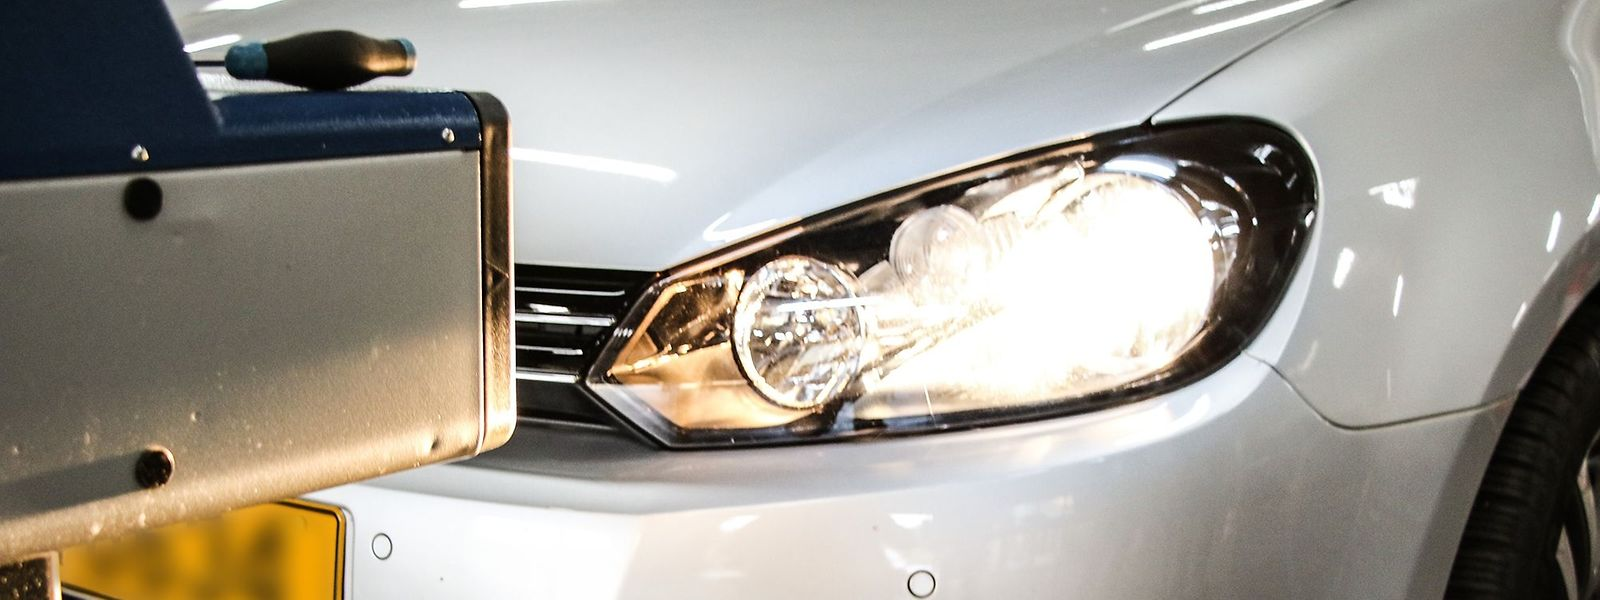 Des phares bien réglés permettent de se déplacer en sécurité.